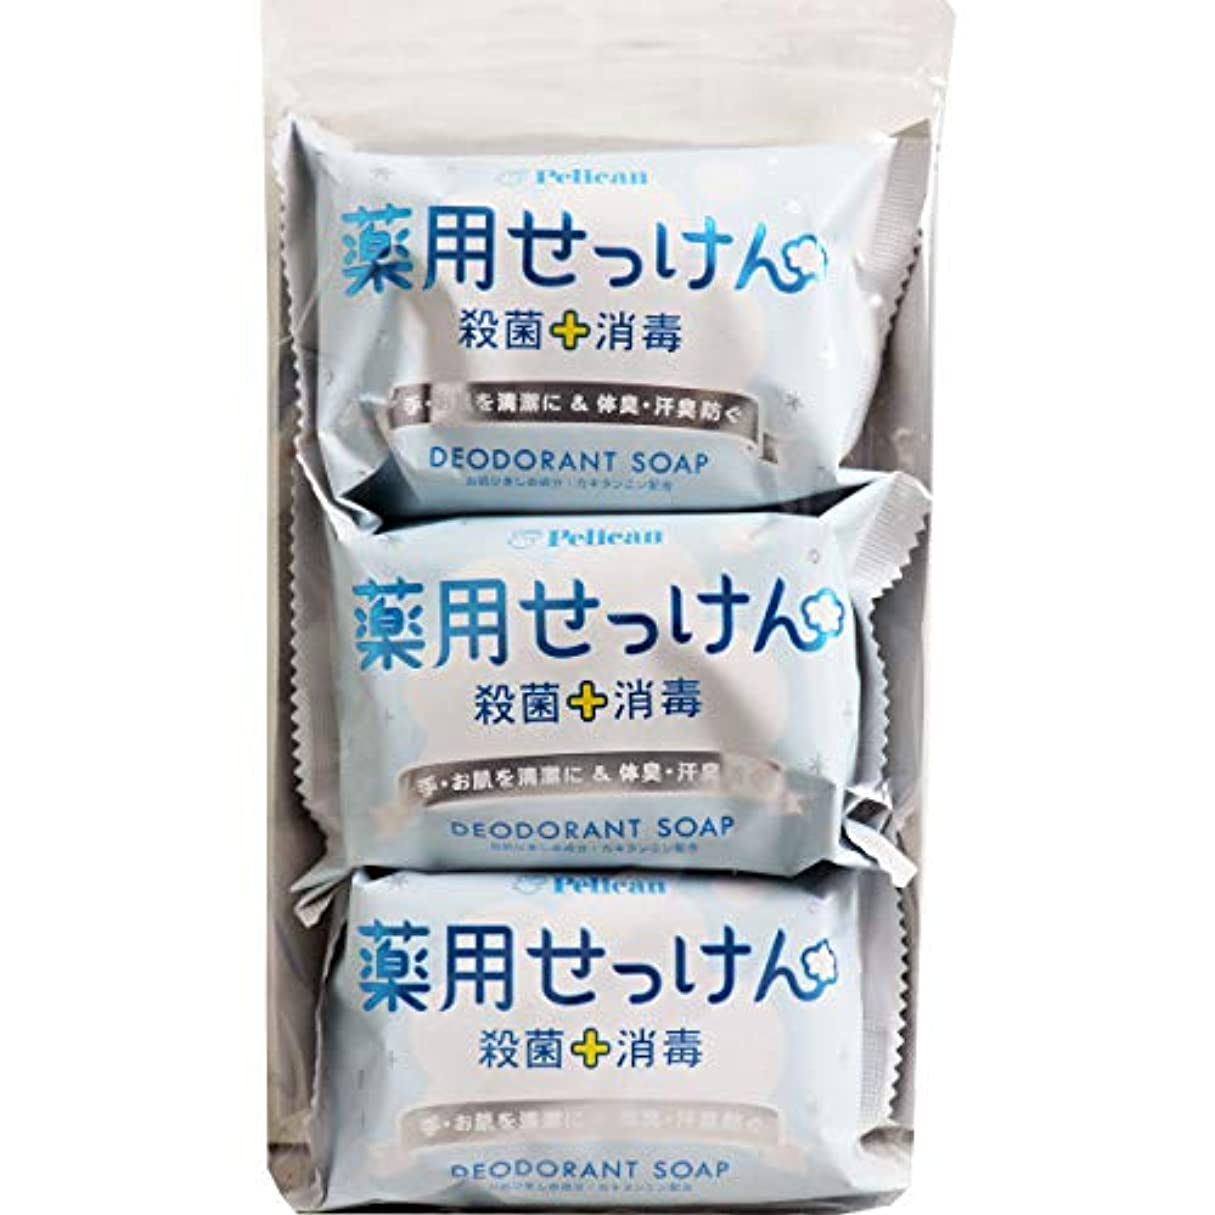 漏斗説得力のあるコインランドリーペリカン石鹸 薬用石けん 85g×3個×4パック